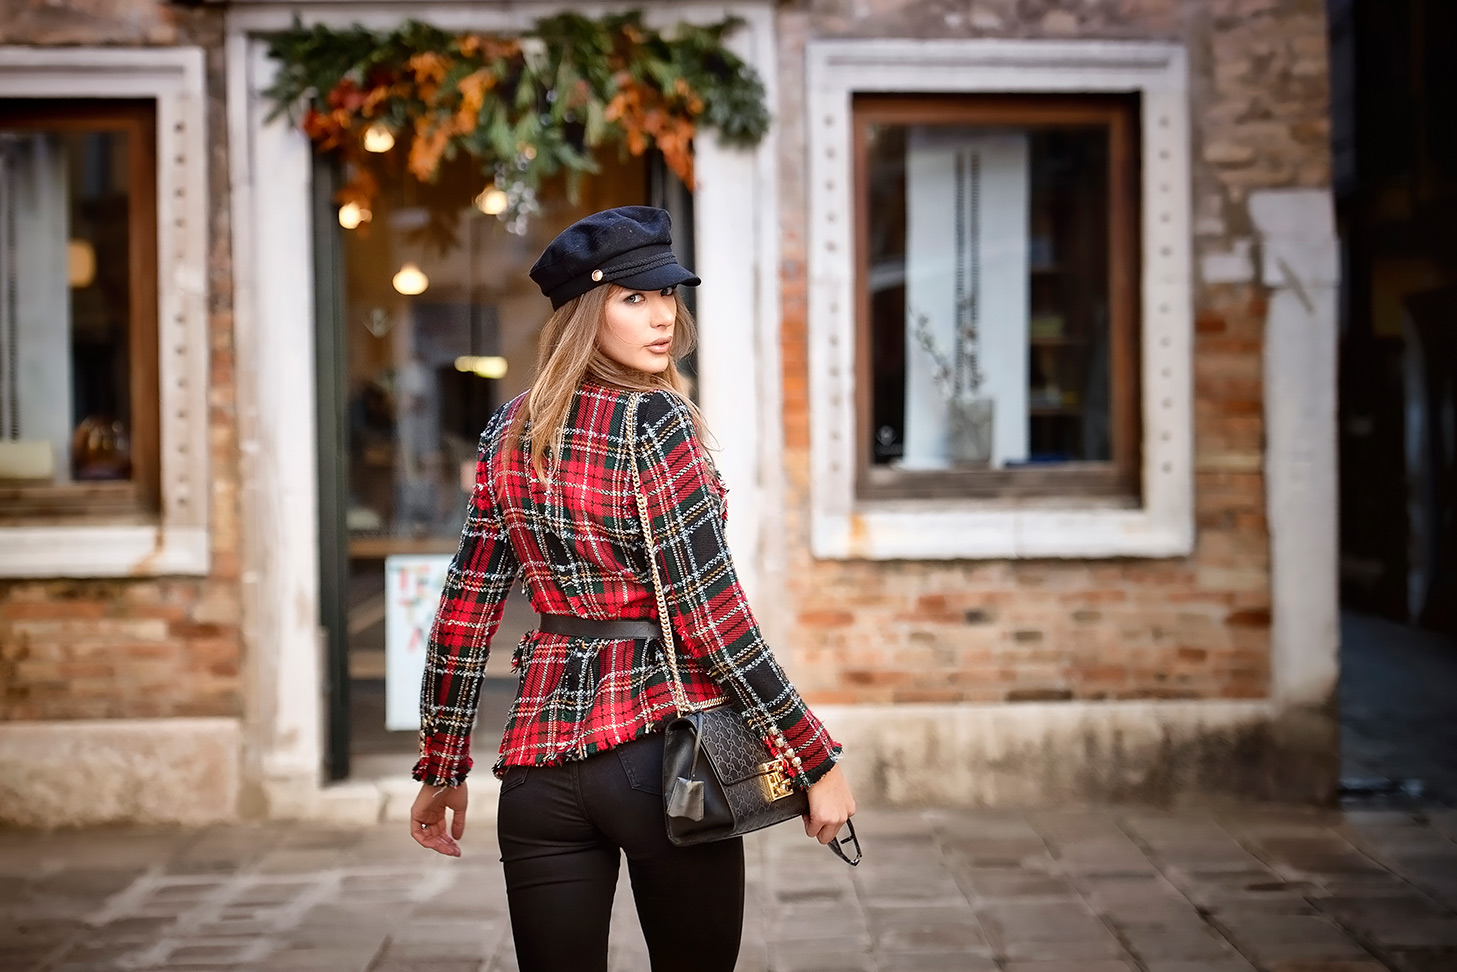 photographe venise model photoshooting